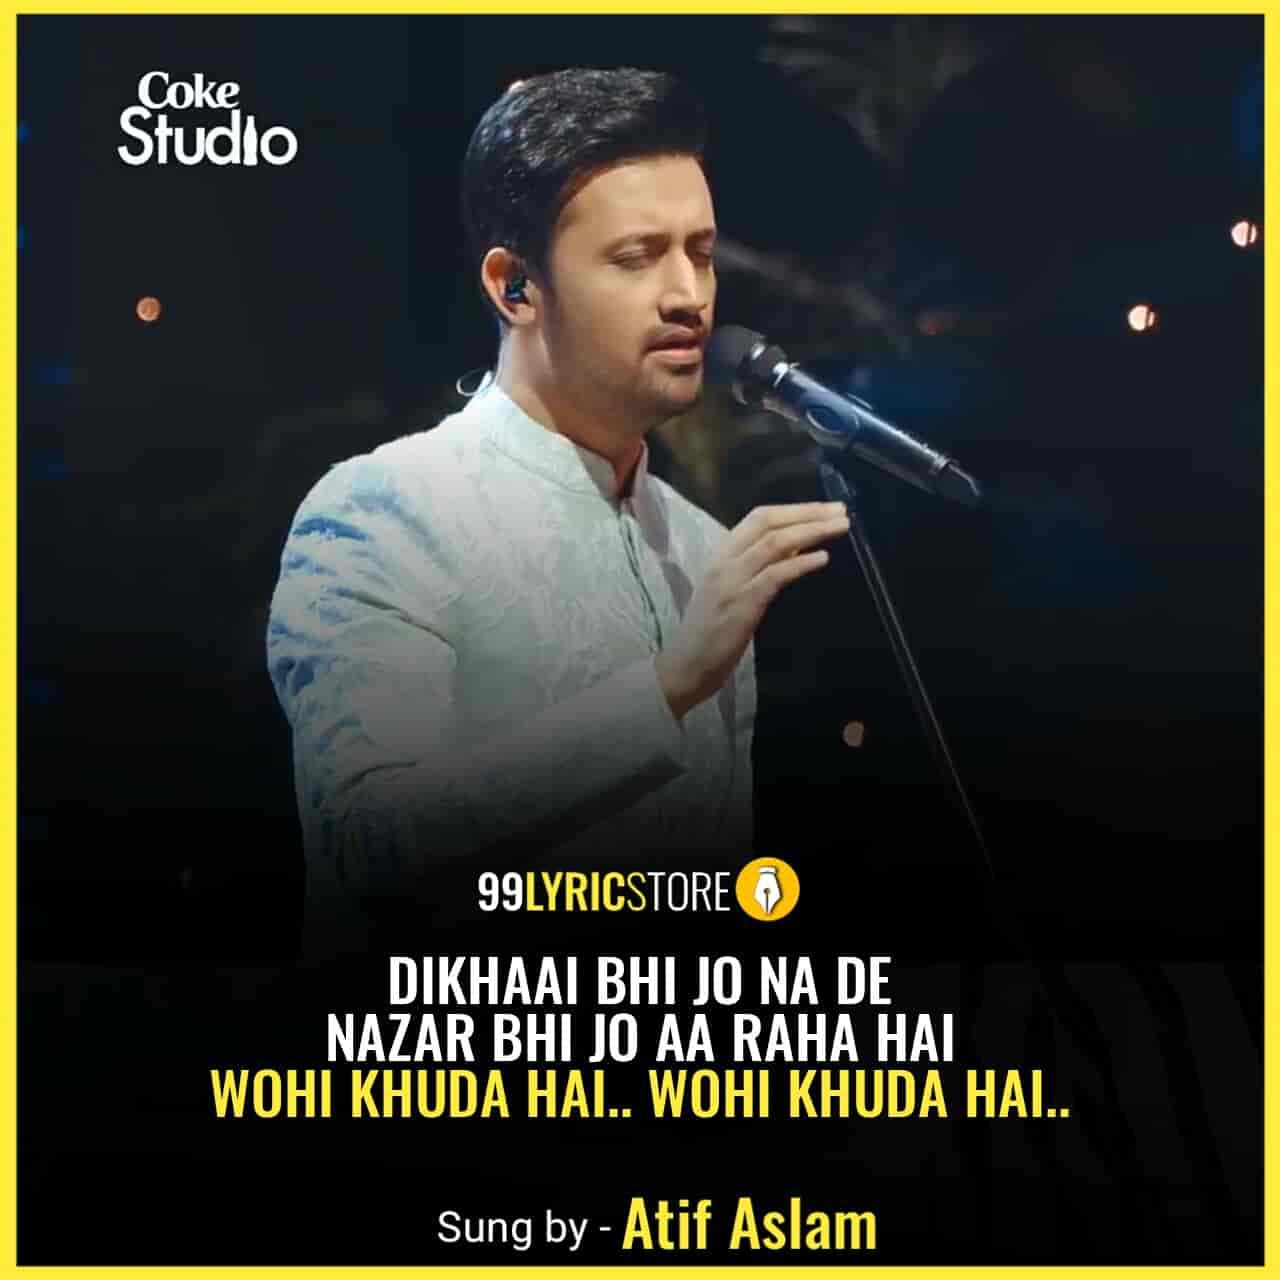 Wohi Khuda Hai Coke Studio Song Atif Aslam Images